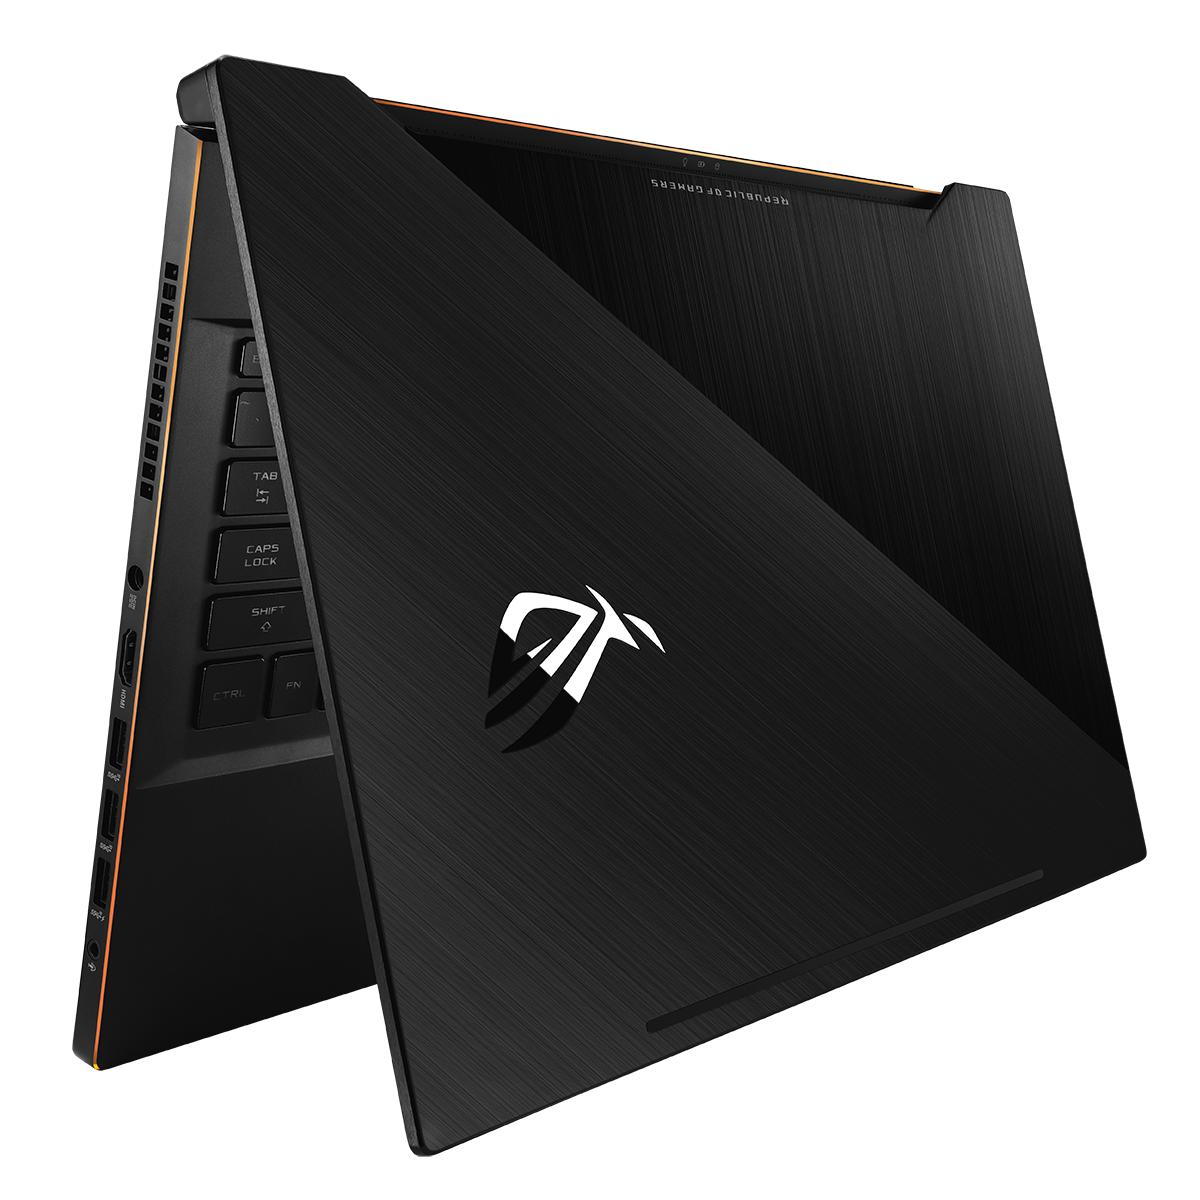 מחשב נייד Asus ROG Zephyrus M GM501GS-EI004T אסוס